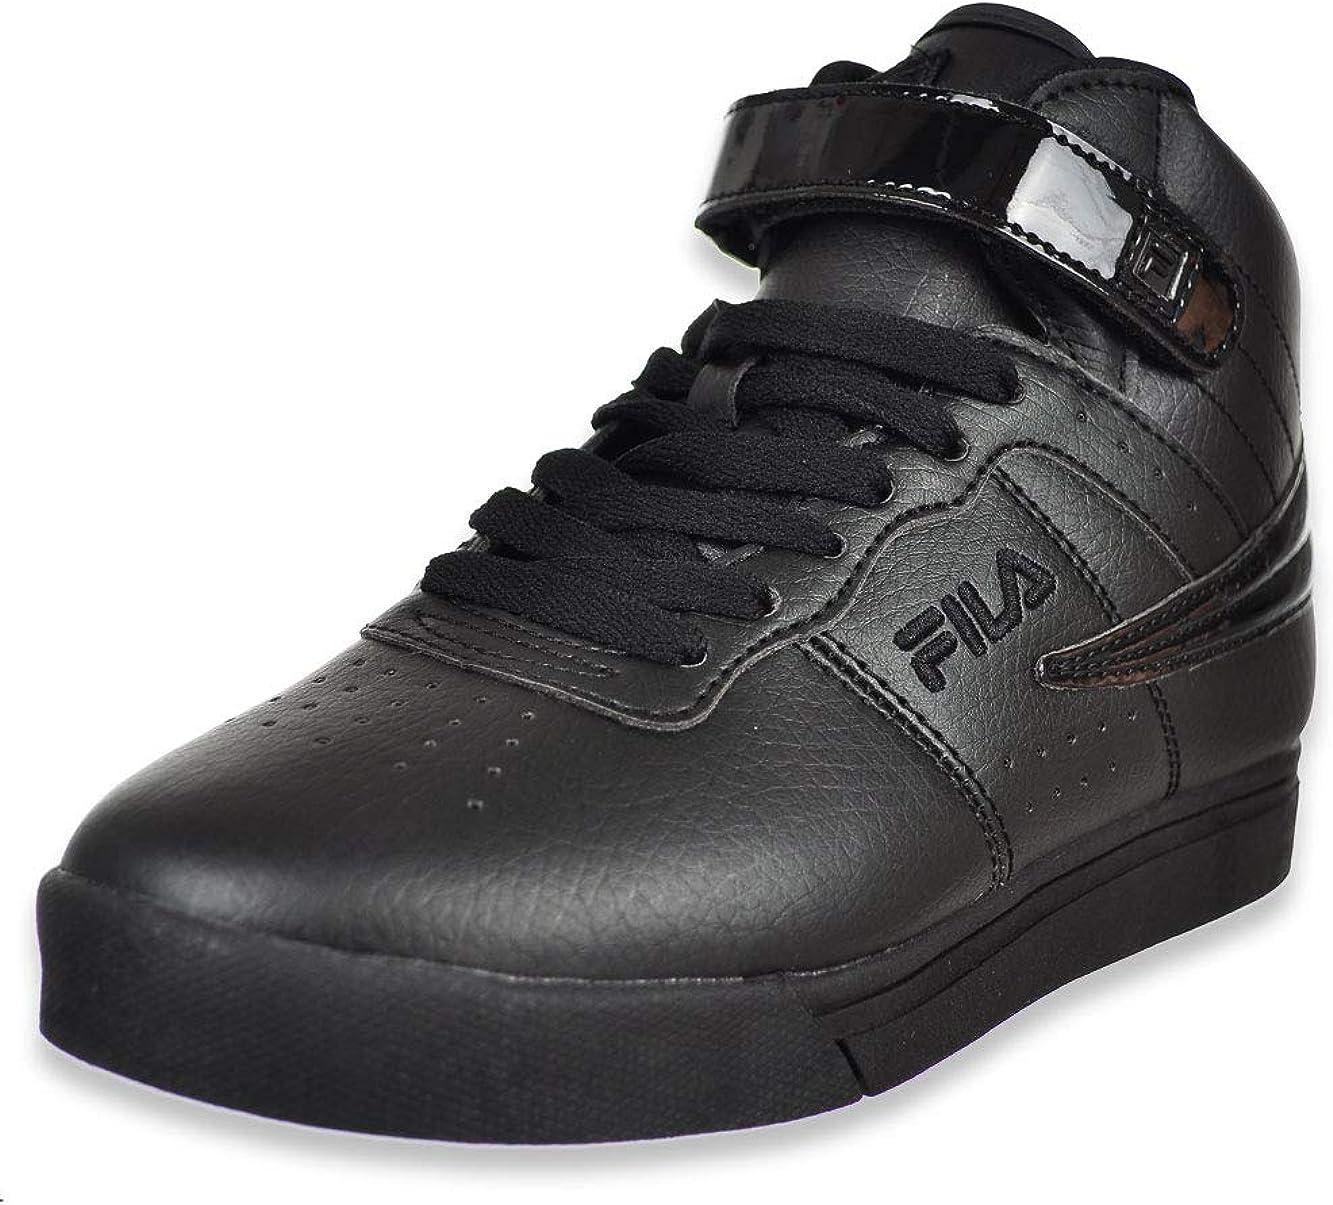 Fila Boys' Vulc 13 Patent Flag Hi-Top Sneakers